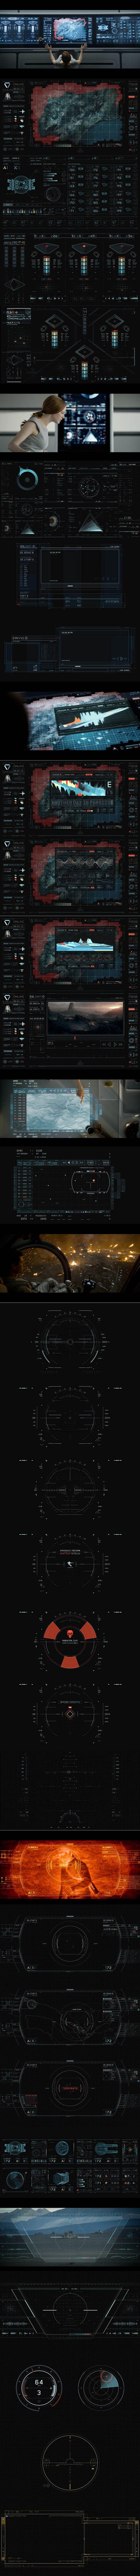 【几个电影的UI设计及其素材】OBLIV...